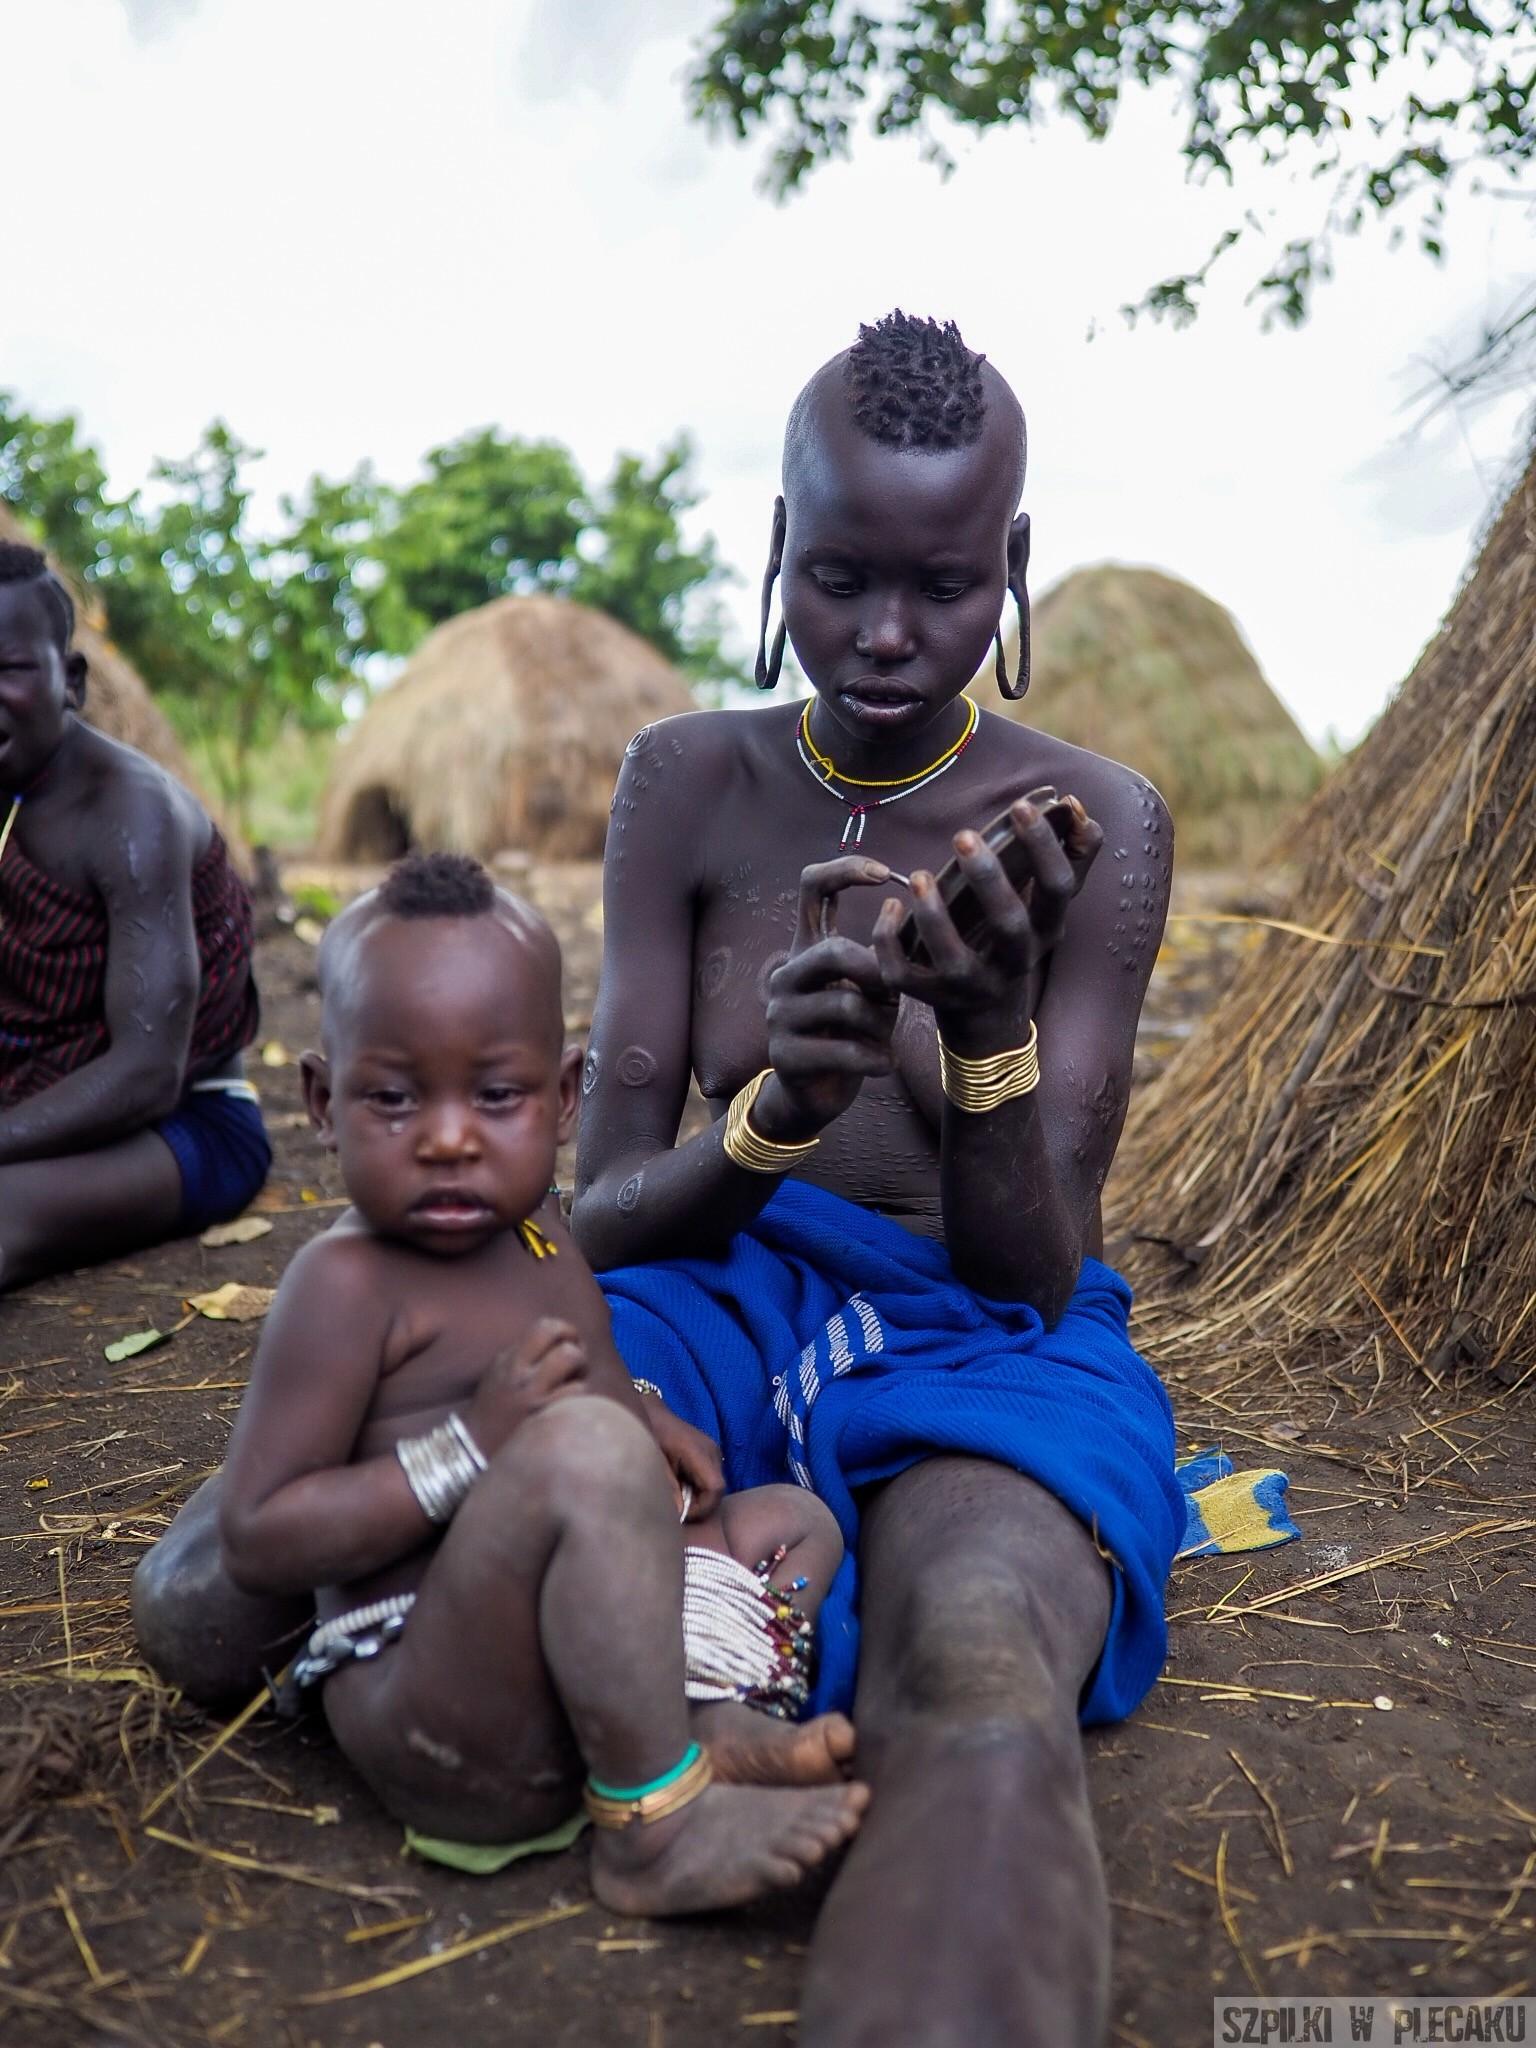 Mursi girl kobieta dziewczynka z dzieckiem skaryfikacja - plemiona Etiopii - Szpilki w plecaku